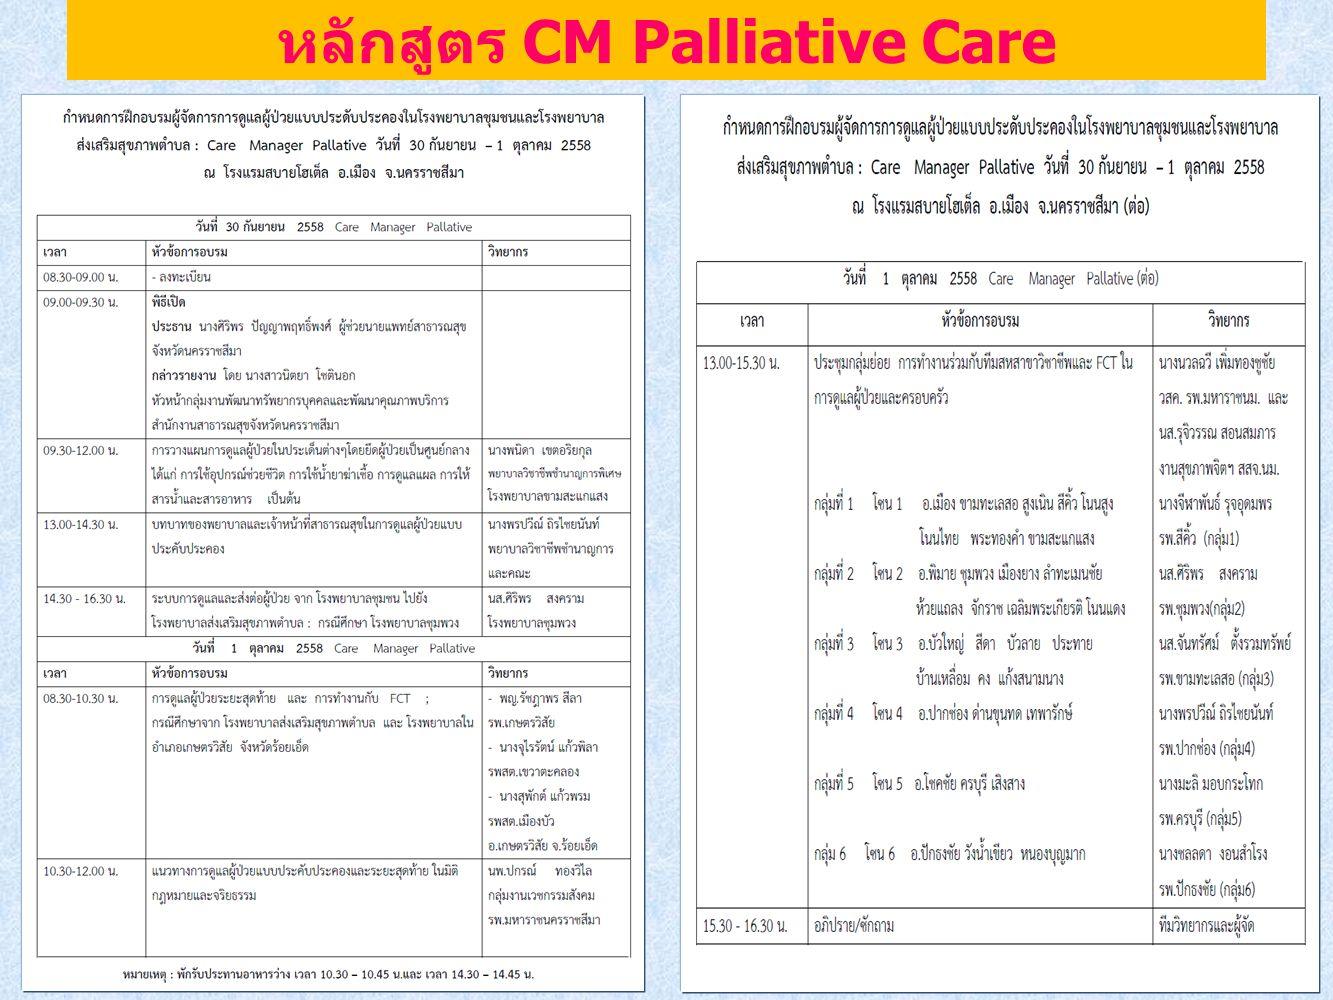 หลักสูตร CM Palliative Care